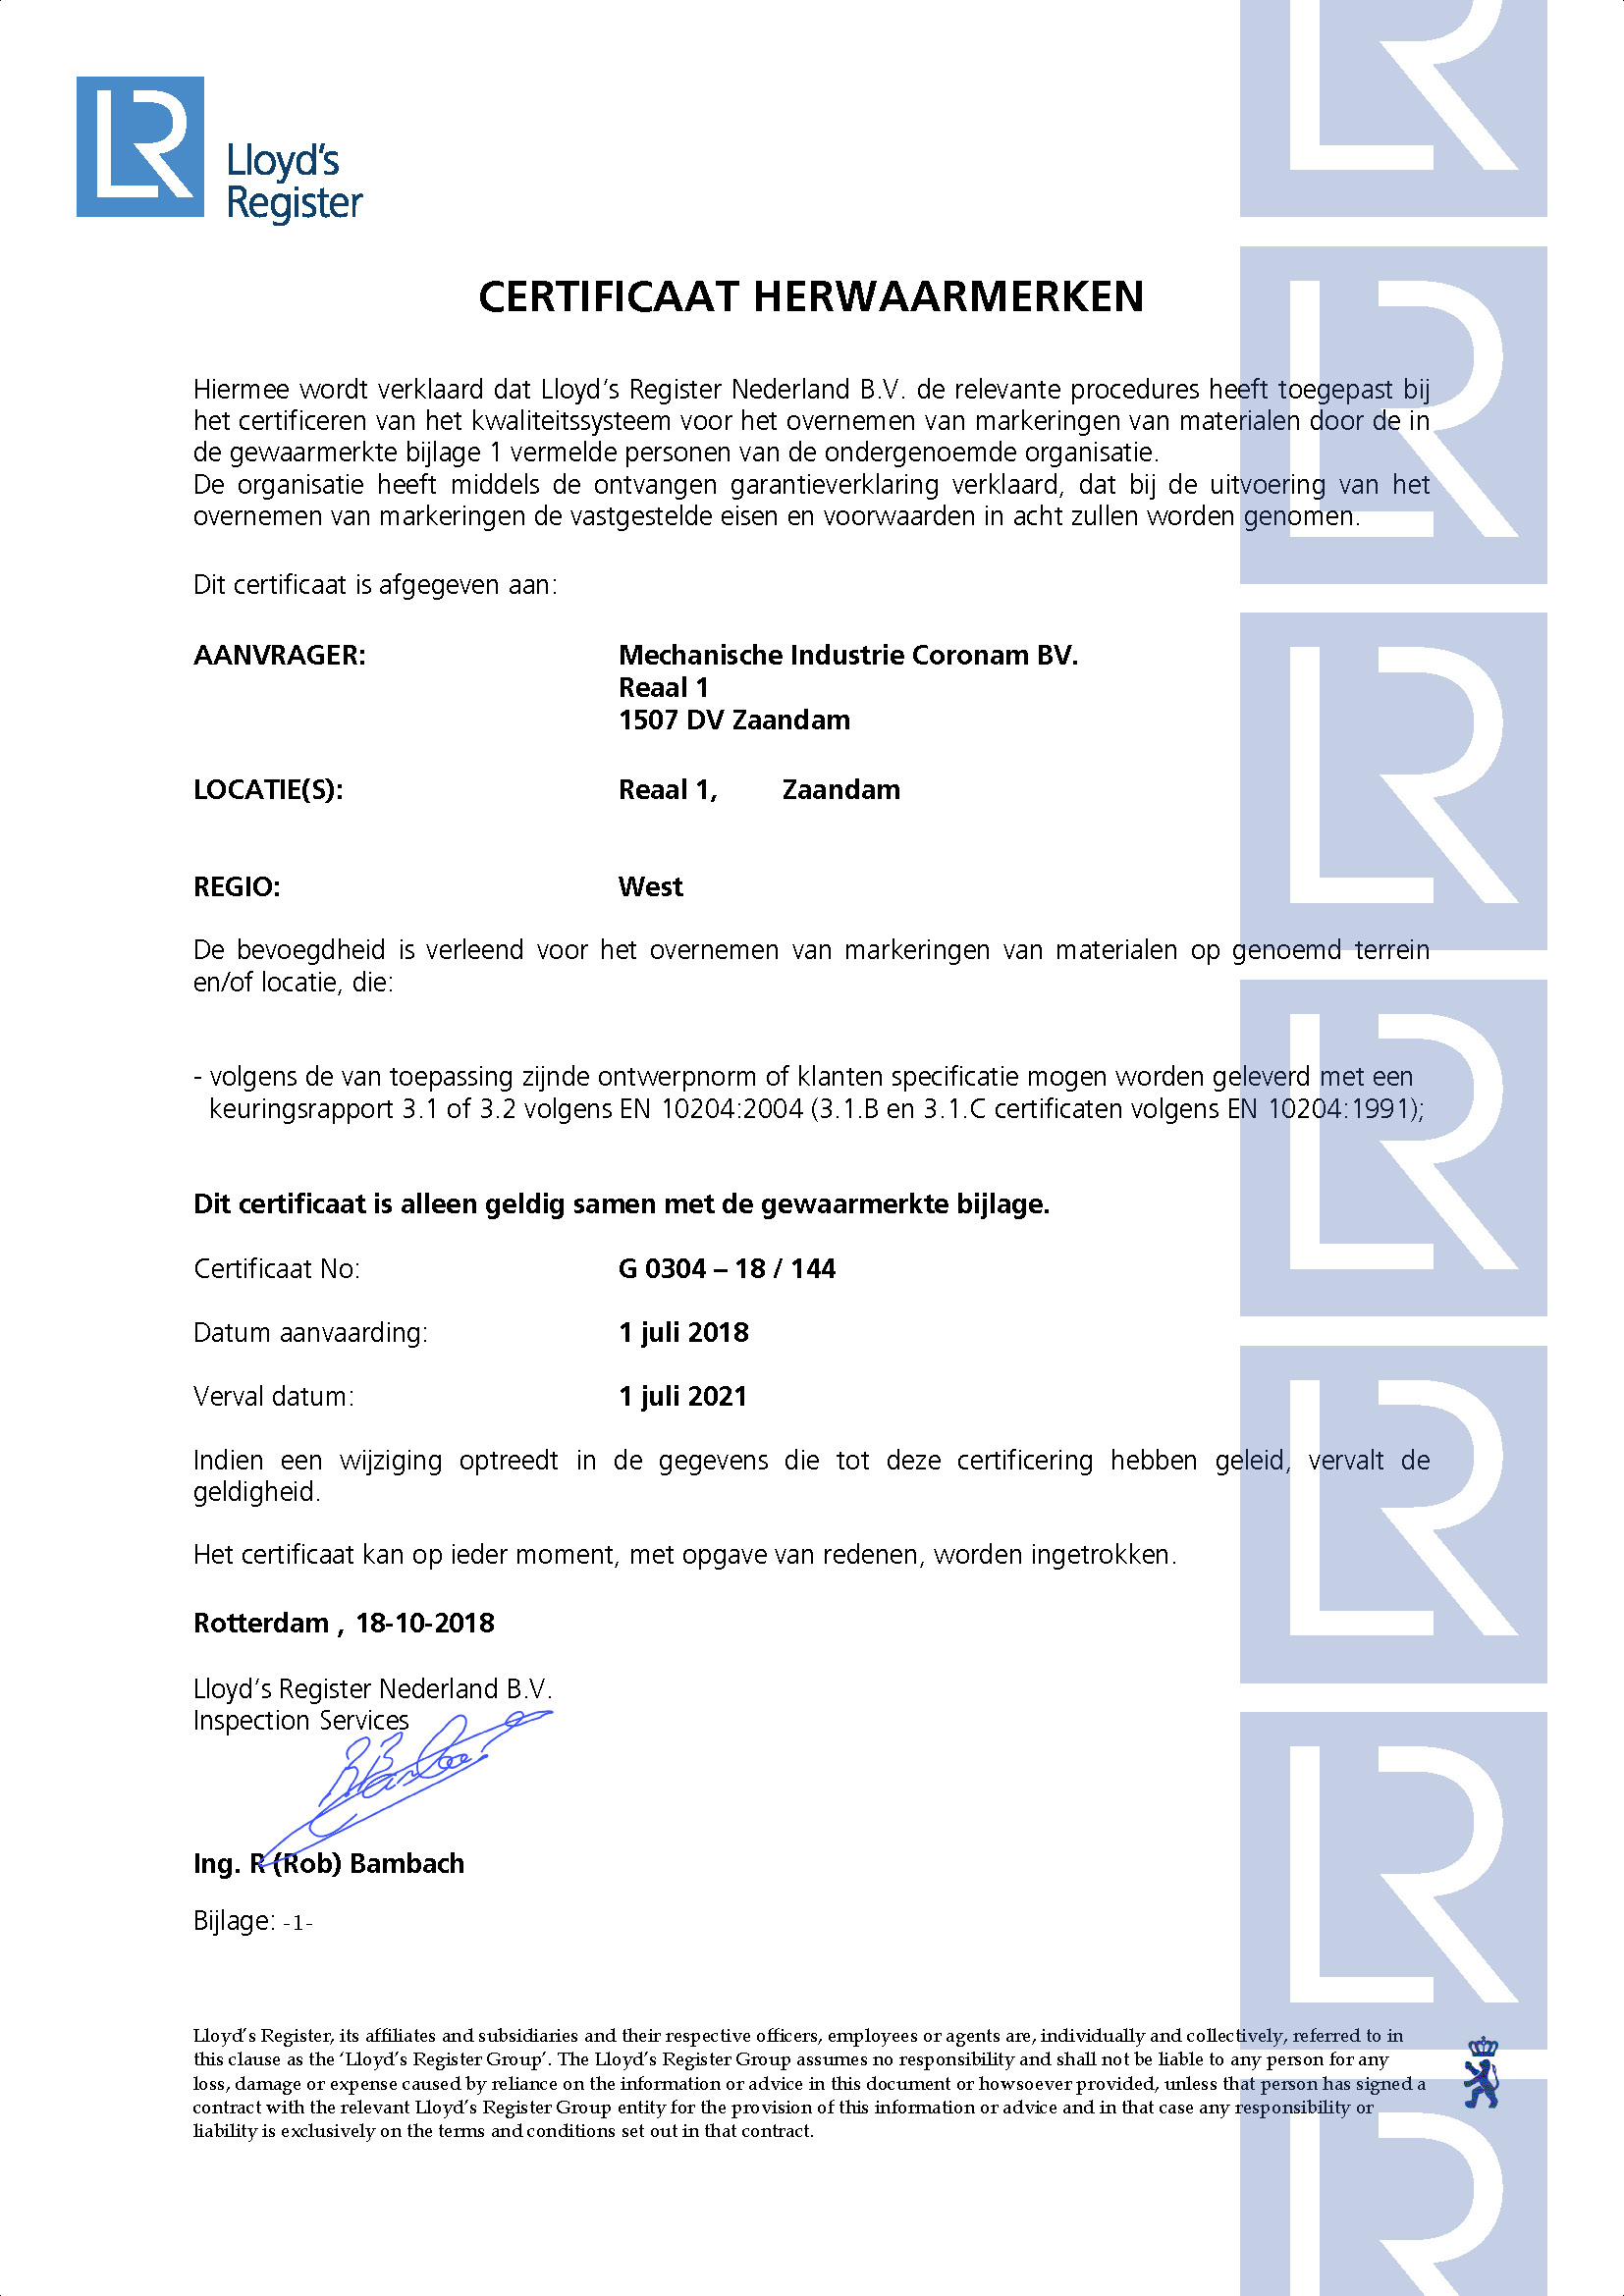 Mechanische Industrie Coronam BV Certificaat G0304 18-10-2018_Pagina_1